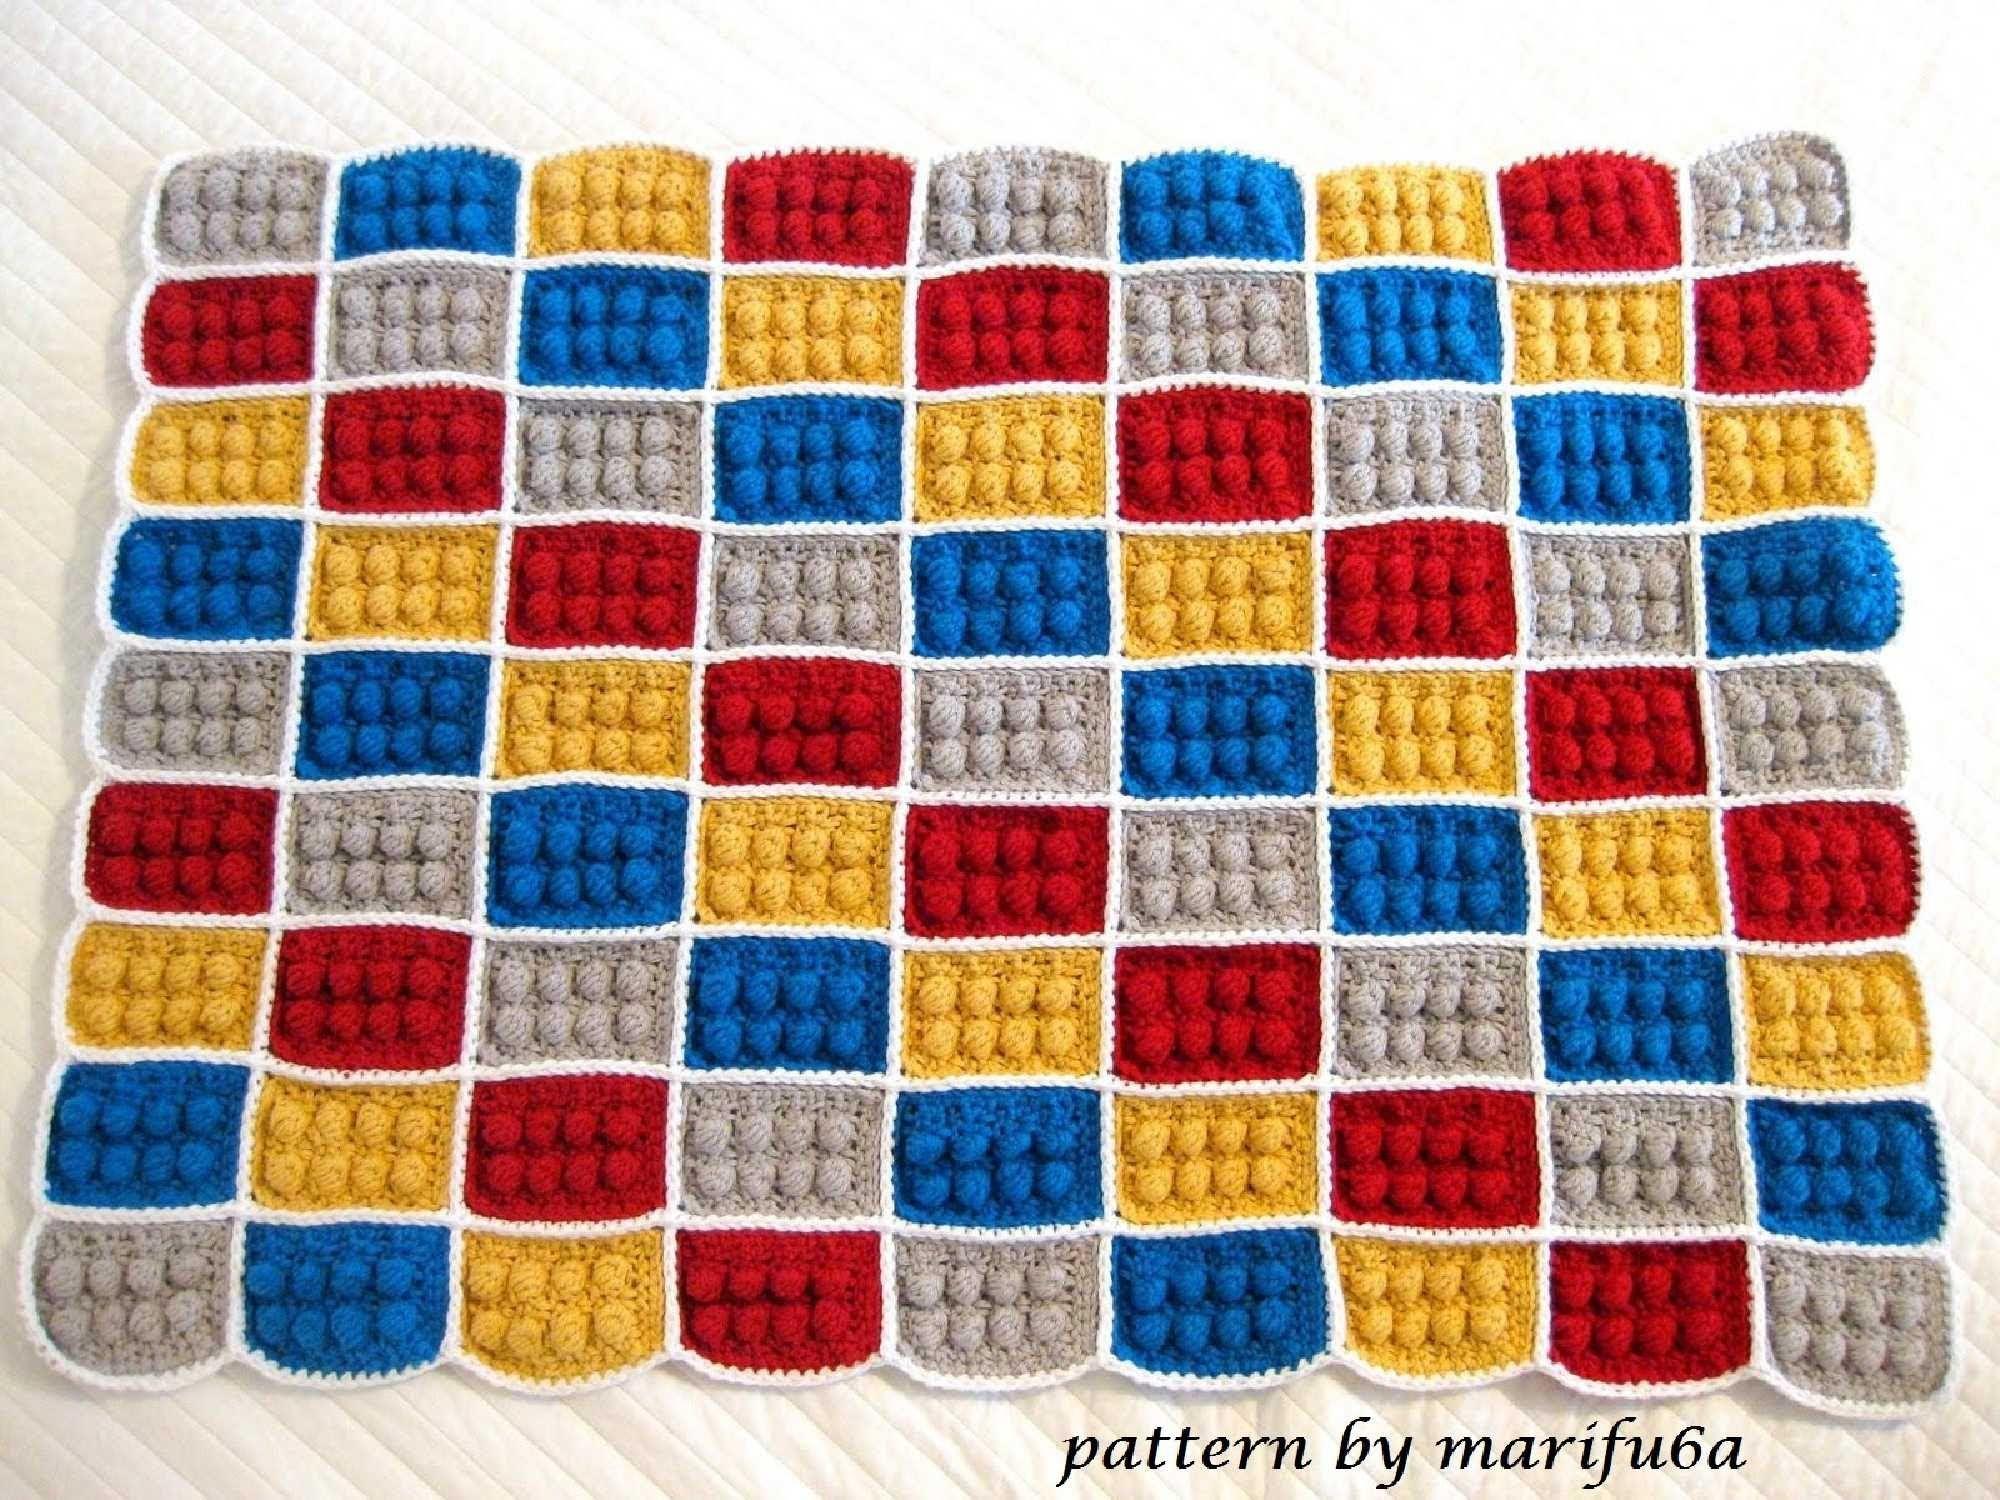 Couverture lego mod le gratuit how to crochet lego - Modele lego gratuit ...